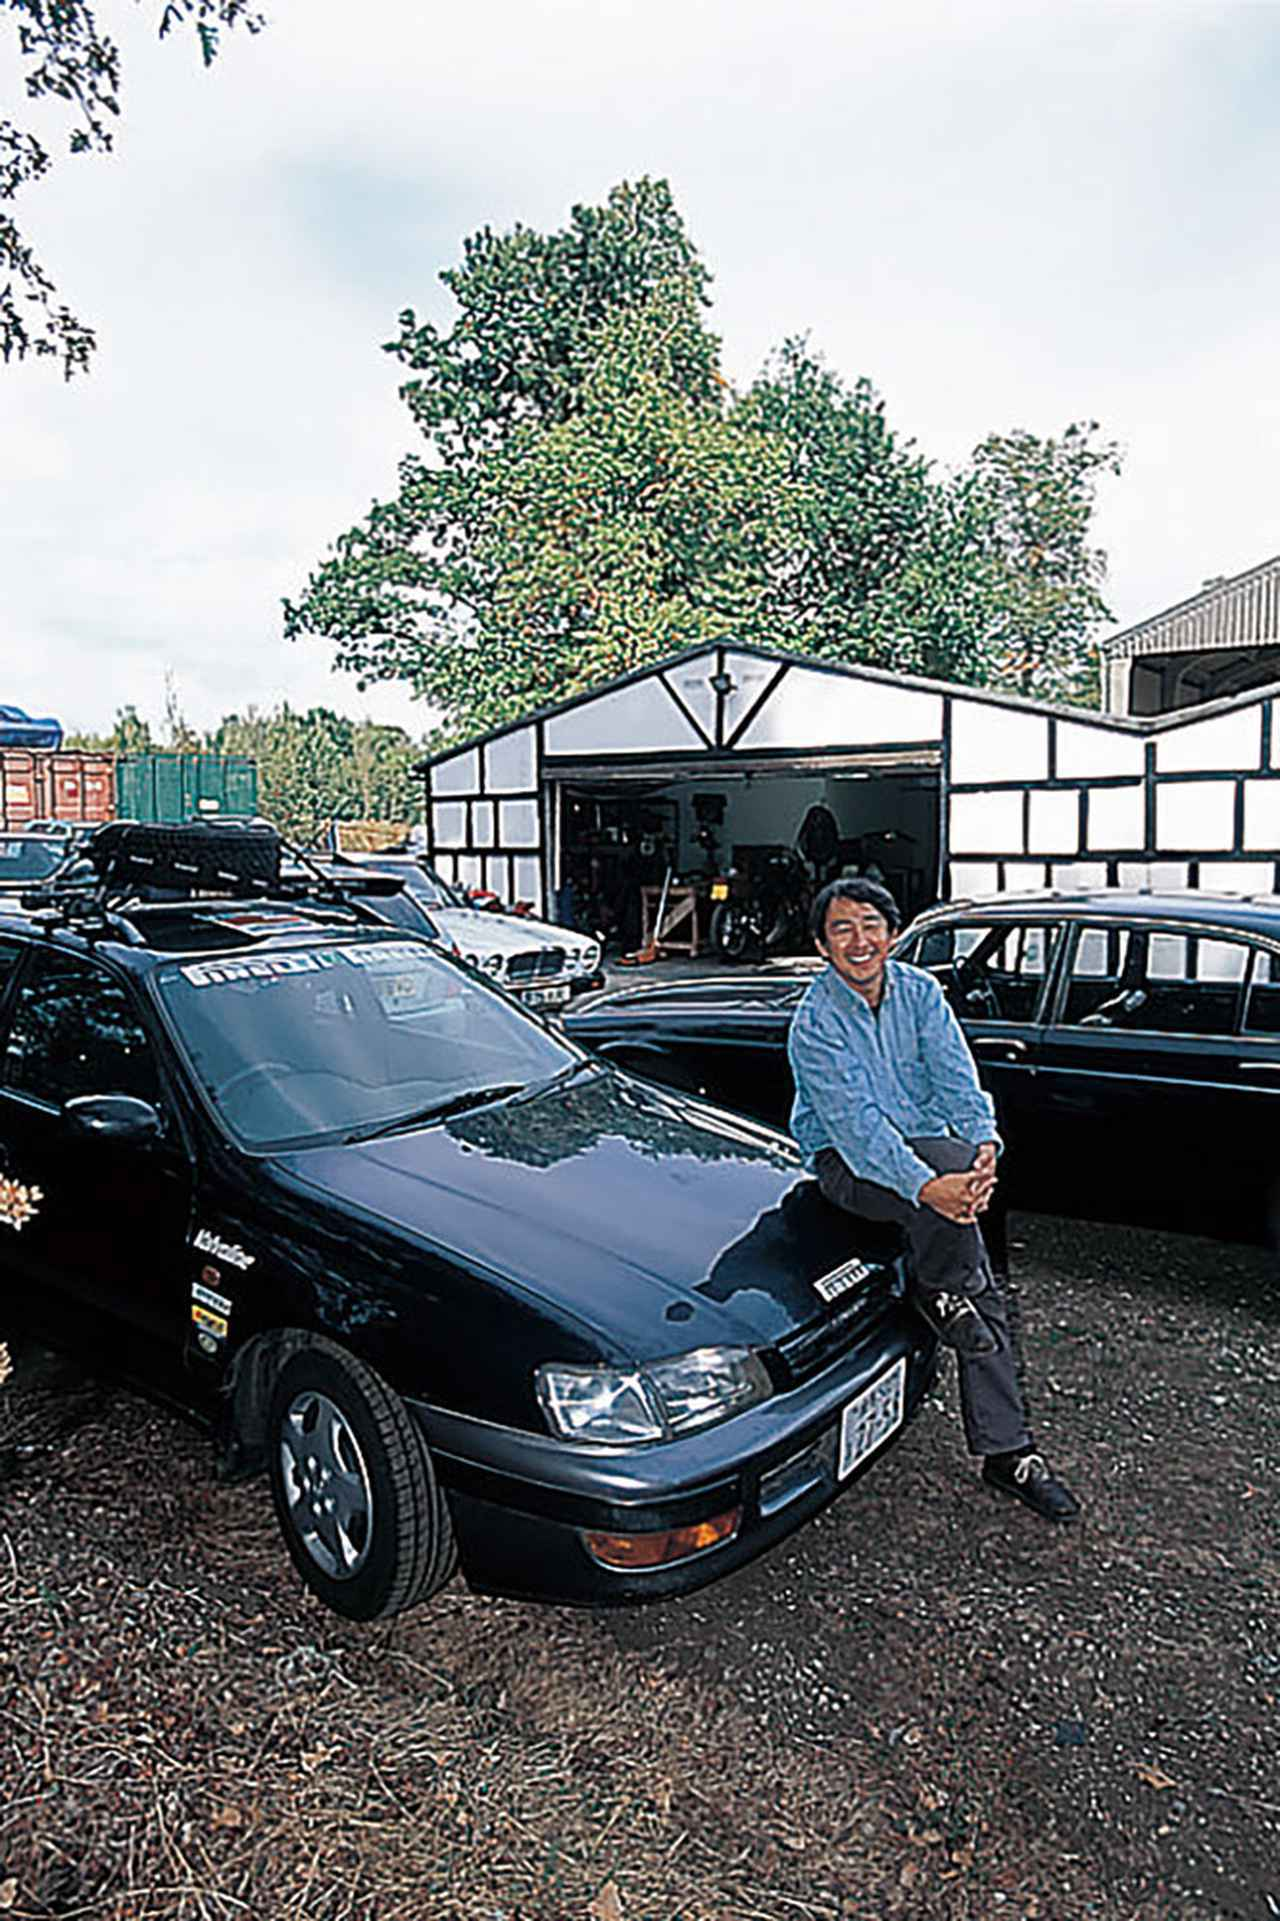 画像: イギリスでの滞在先、F氏宅のヤードでポーズを取る金子氏とカルディナ。2003年9月15日(撮影:永元秀和)。